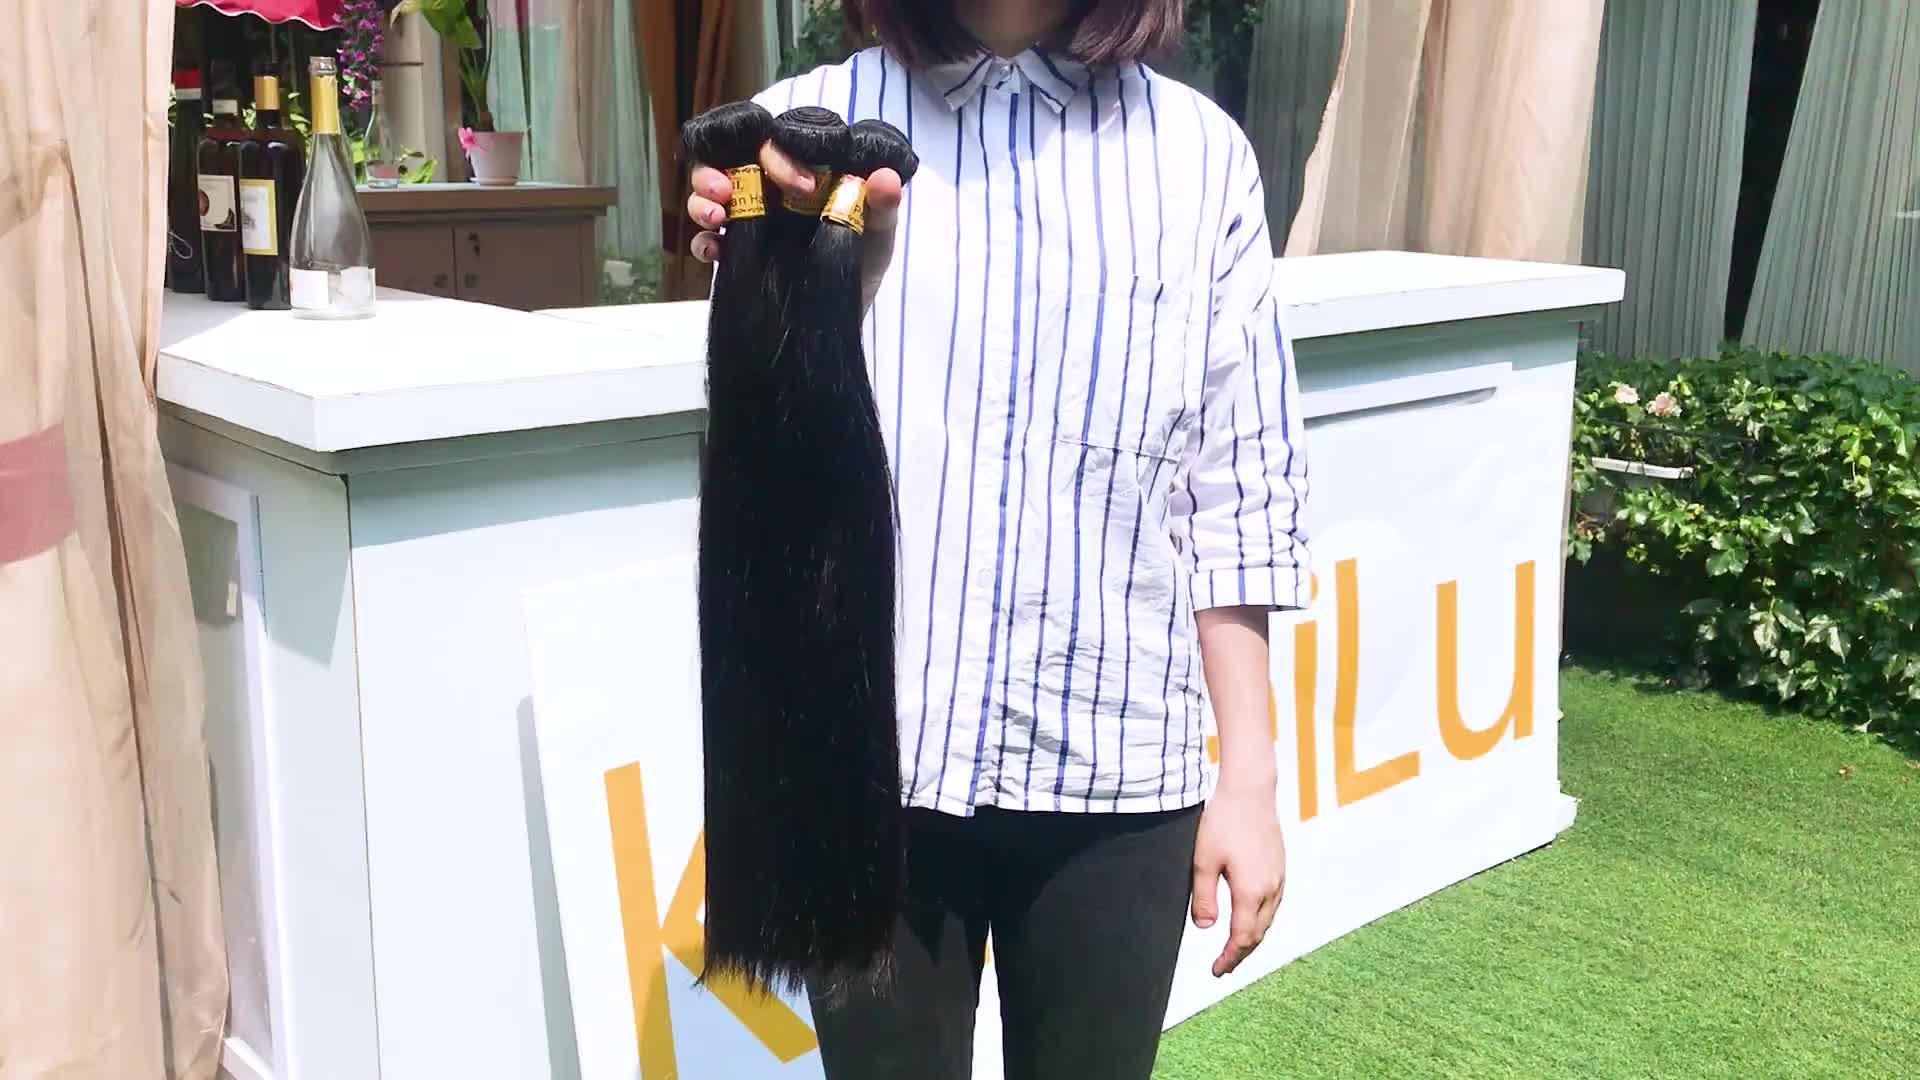 Grado 9a capelli del virgin di remy peruviana dei capelli bundles, remy 10a grado dei capelli peruviana dei capelli del virgin, 100 dei capelli di remy peruviana dei capelli umani